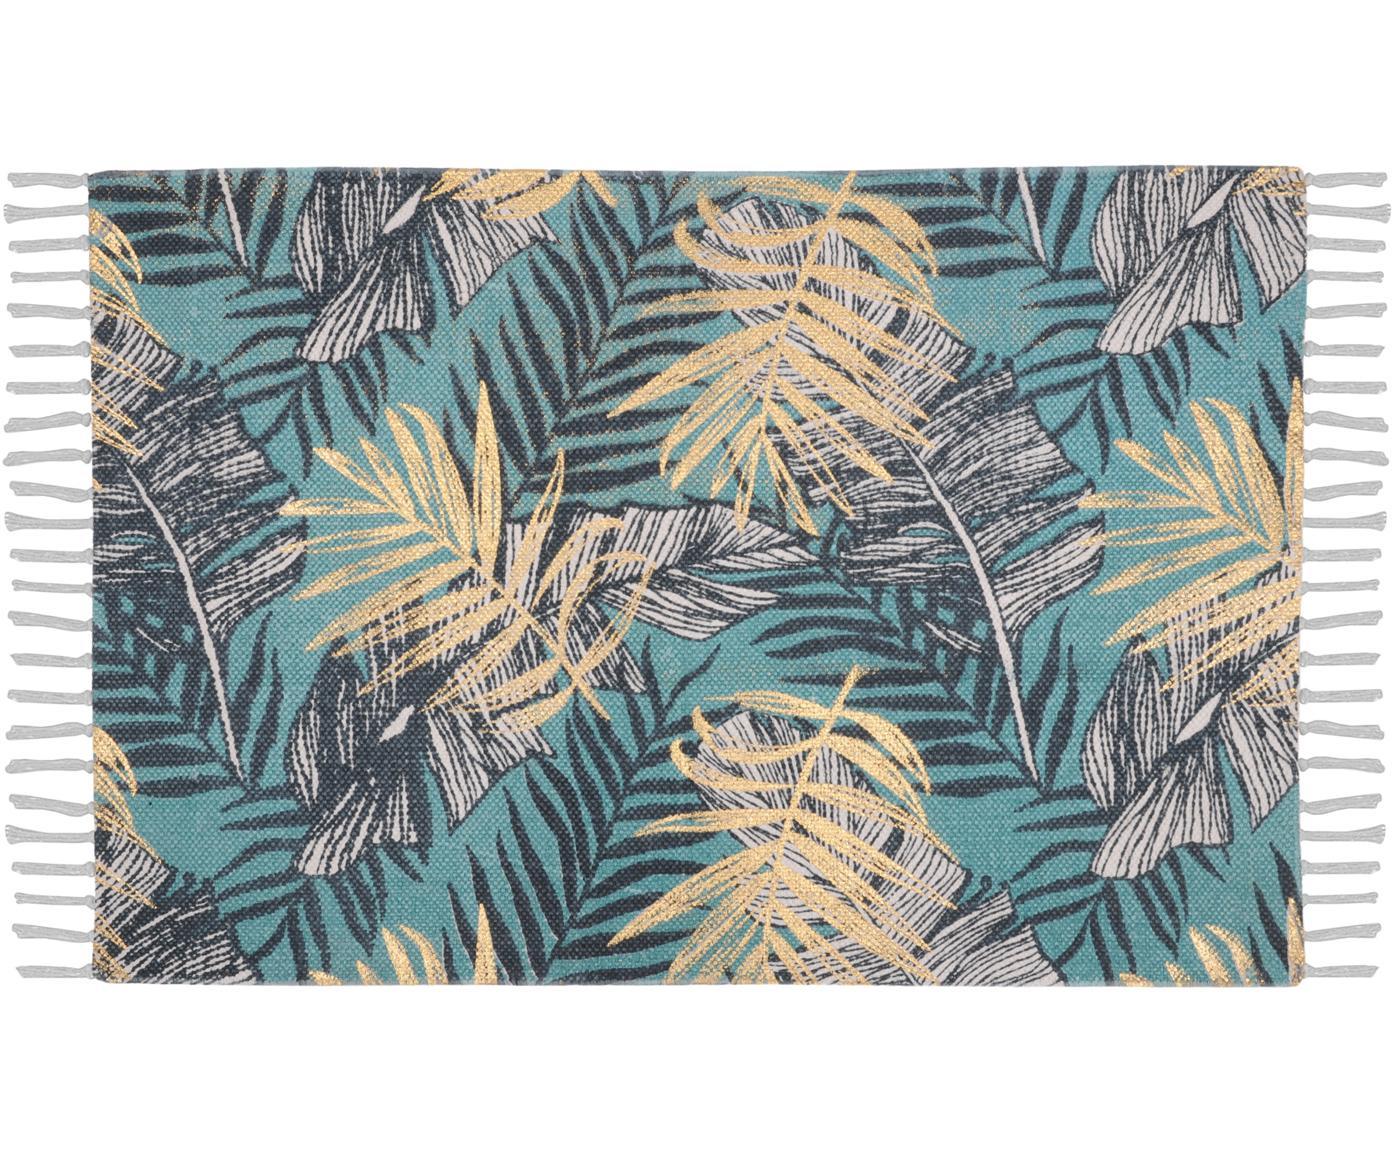 Teppich Longbeach mit tropischem Print, 100% Baumwolle, Blautöne, beige, B 60 x L 90 cm (Grösse XXS)